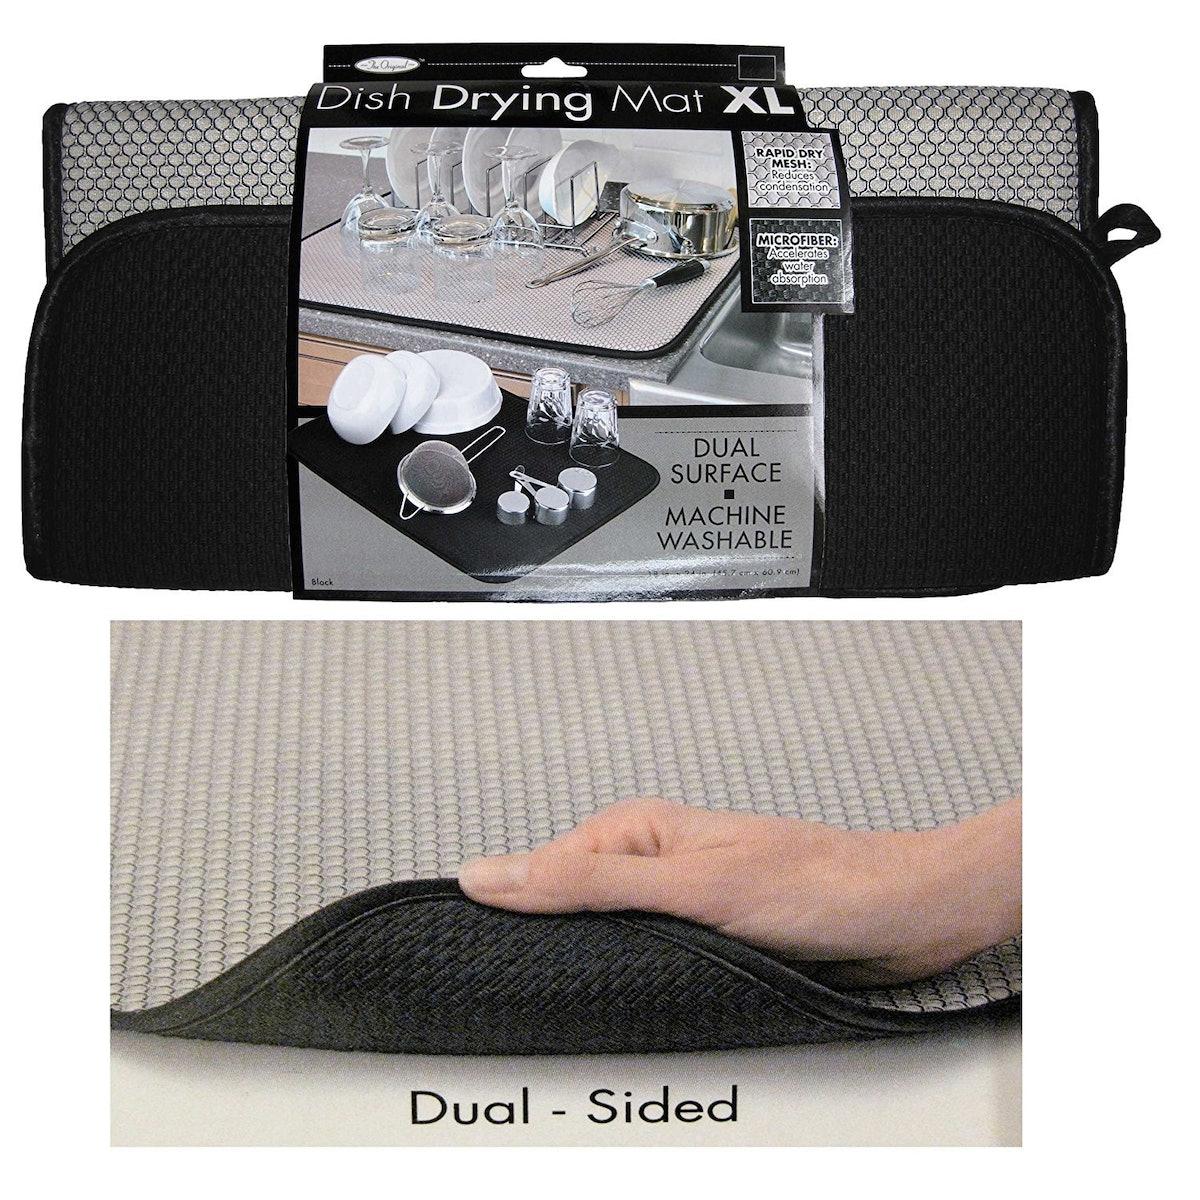 The Original Dish Drying Mat